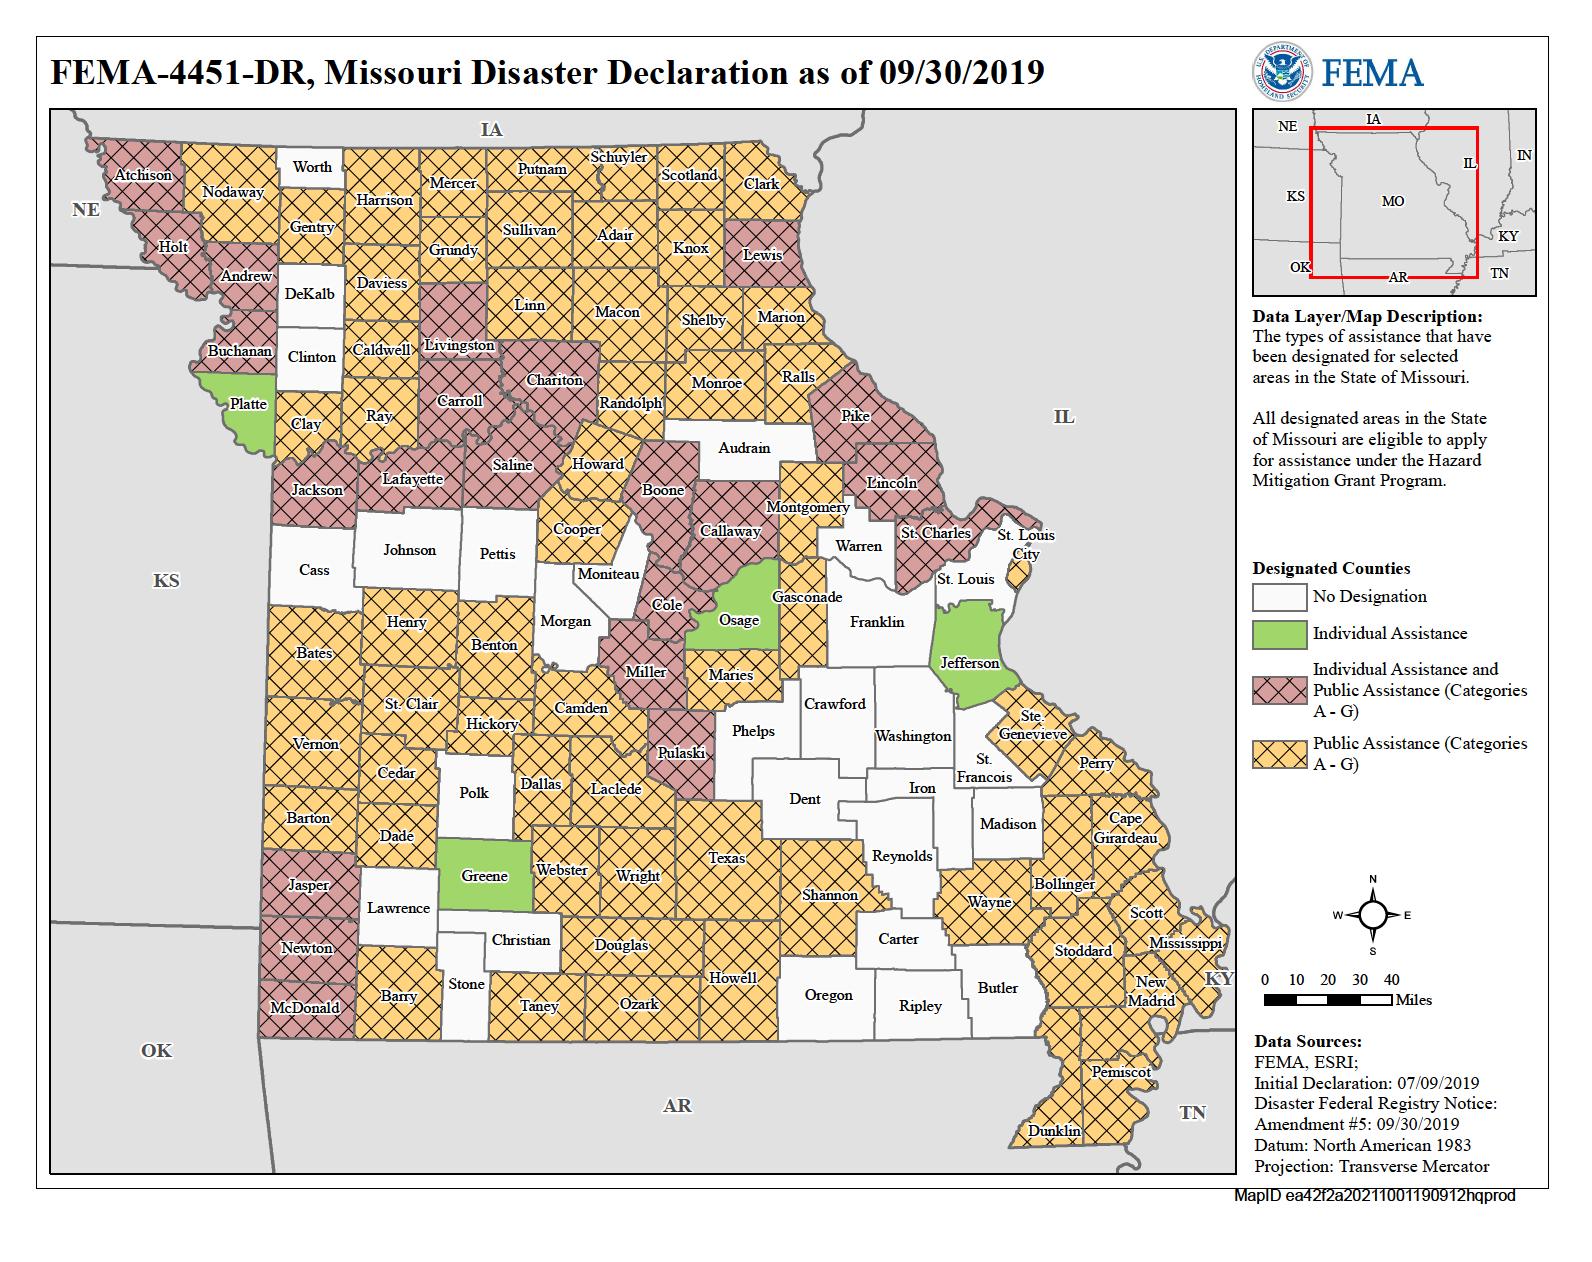 Missouri Severe Storms Tornadoes And Flooding Dr 4451 Fema Gov